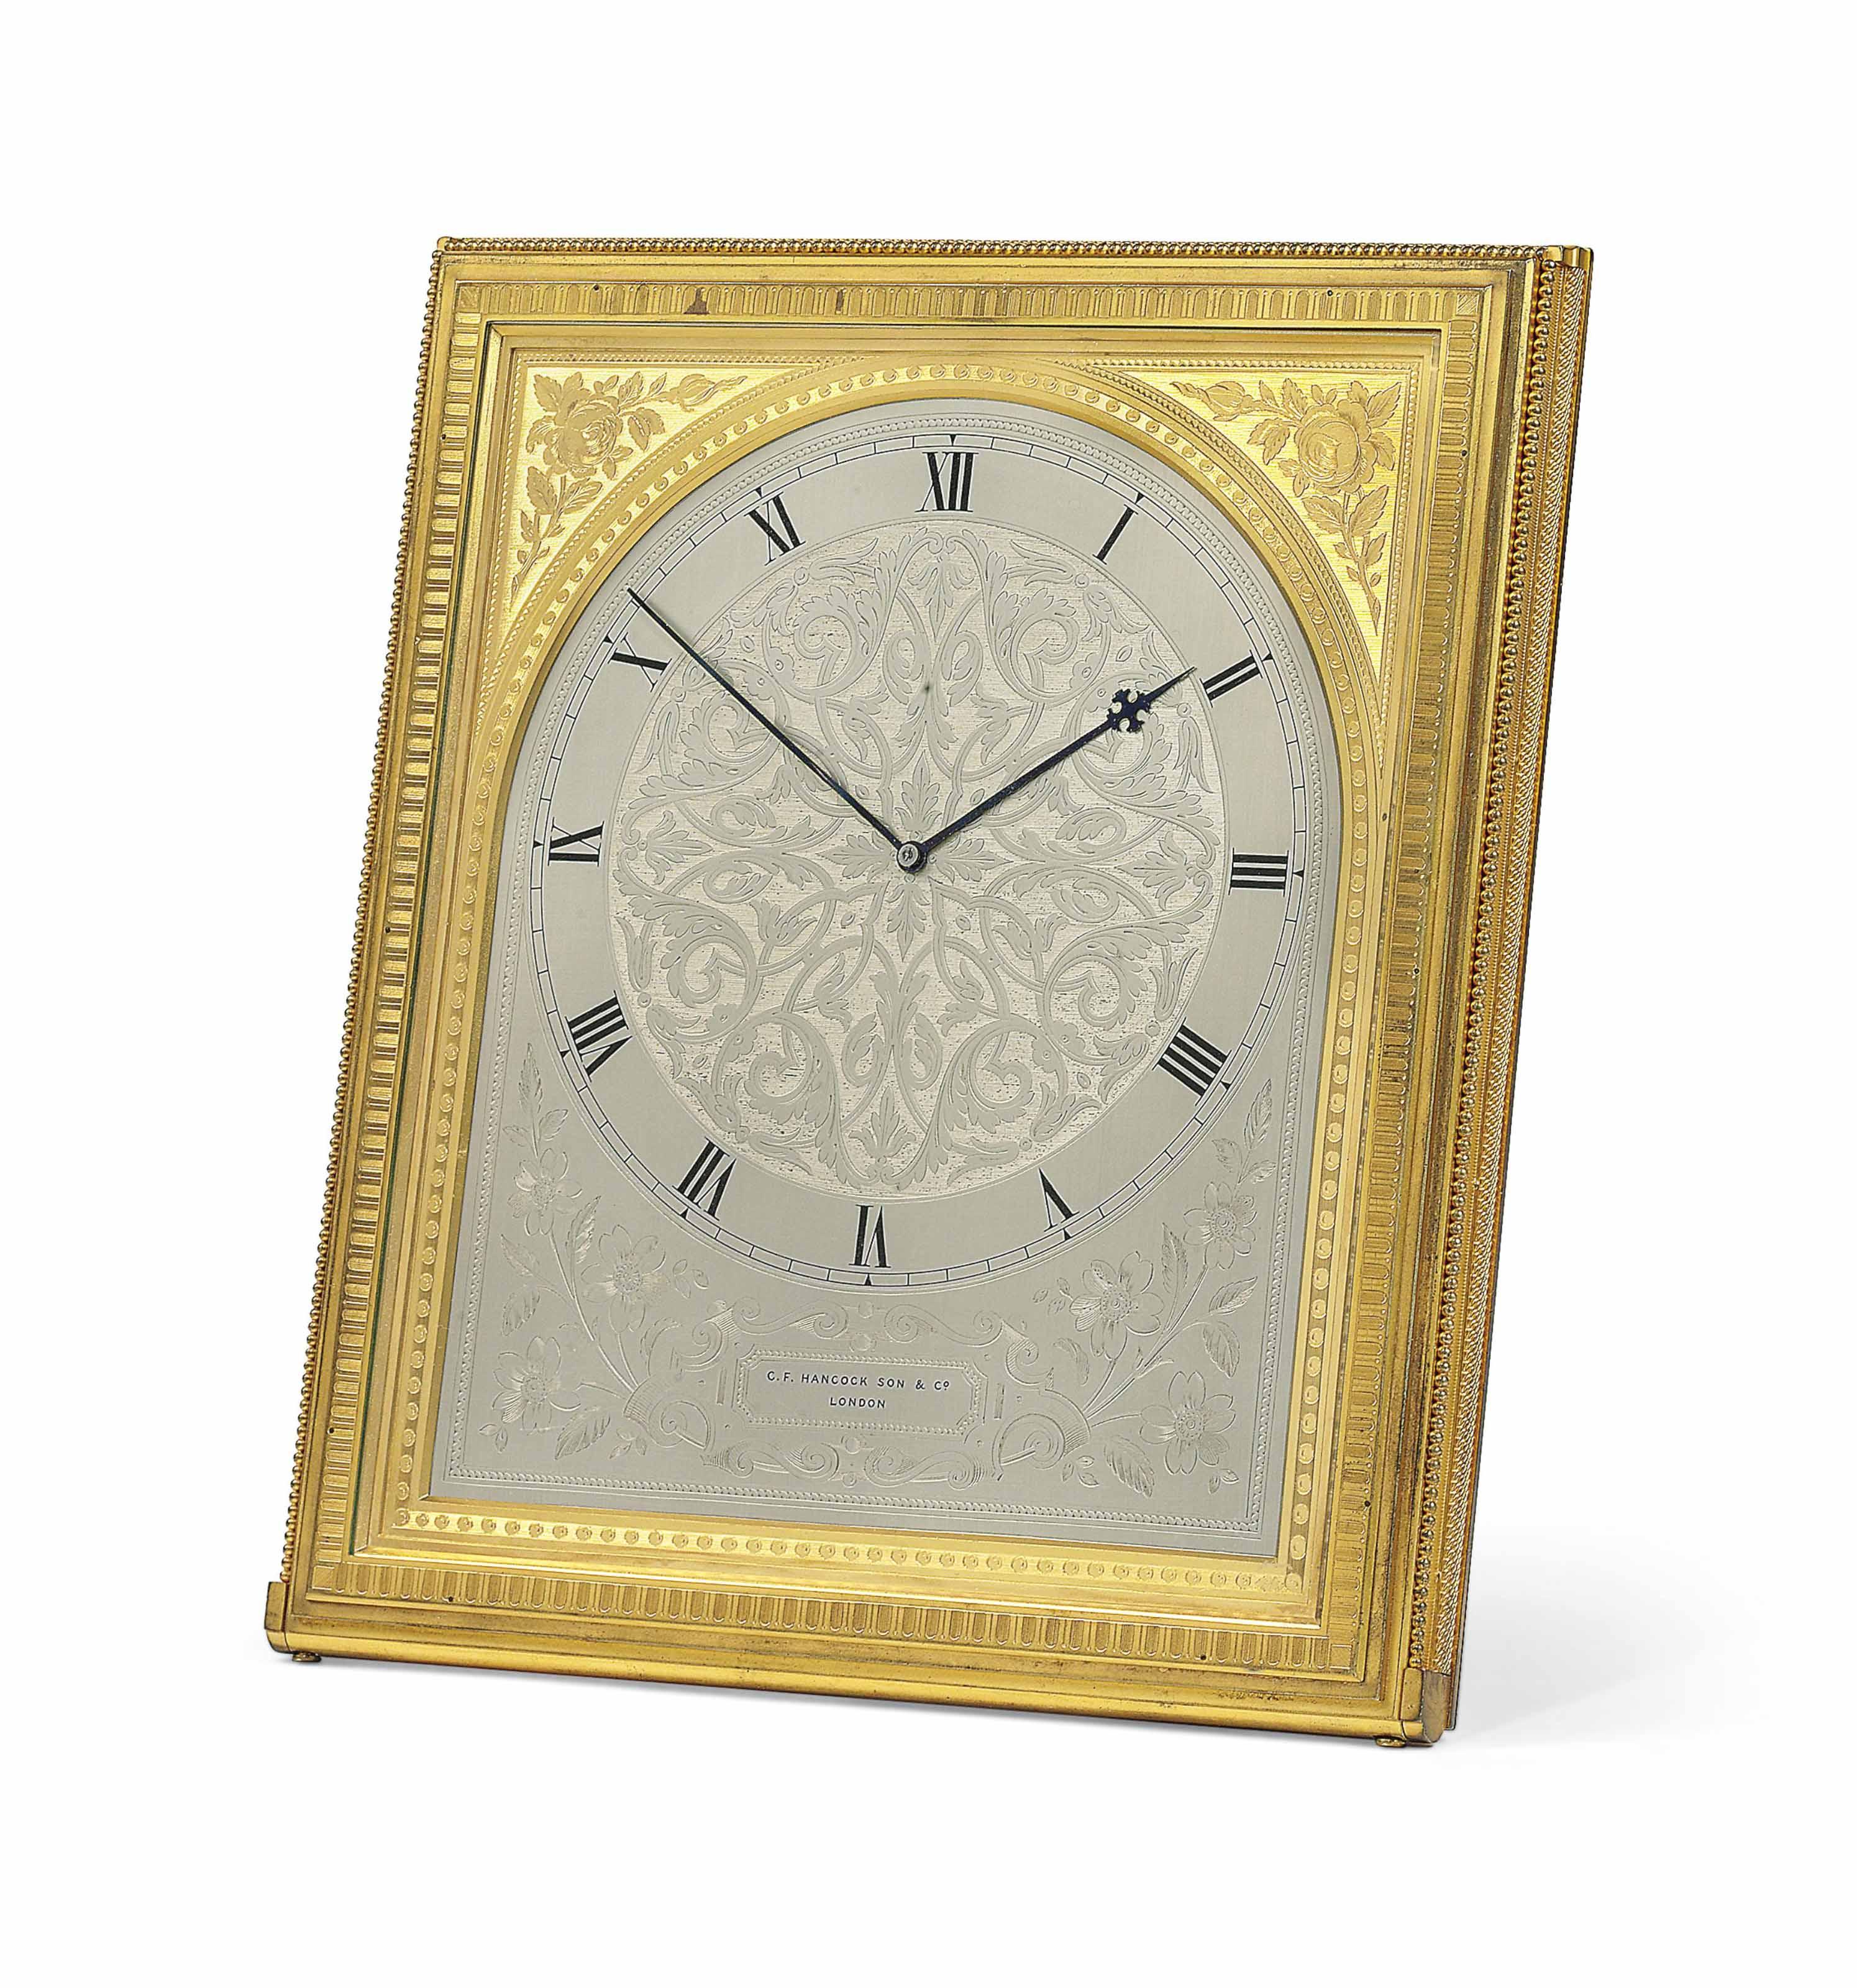 A VICTORIAN GILT-BRASS TIMEPIECE STRUT CLOCK